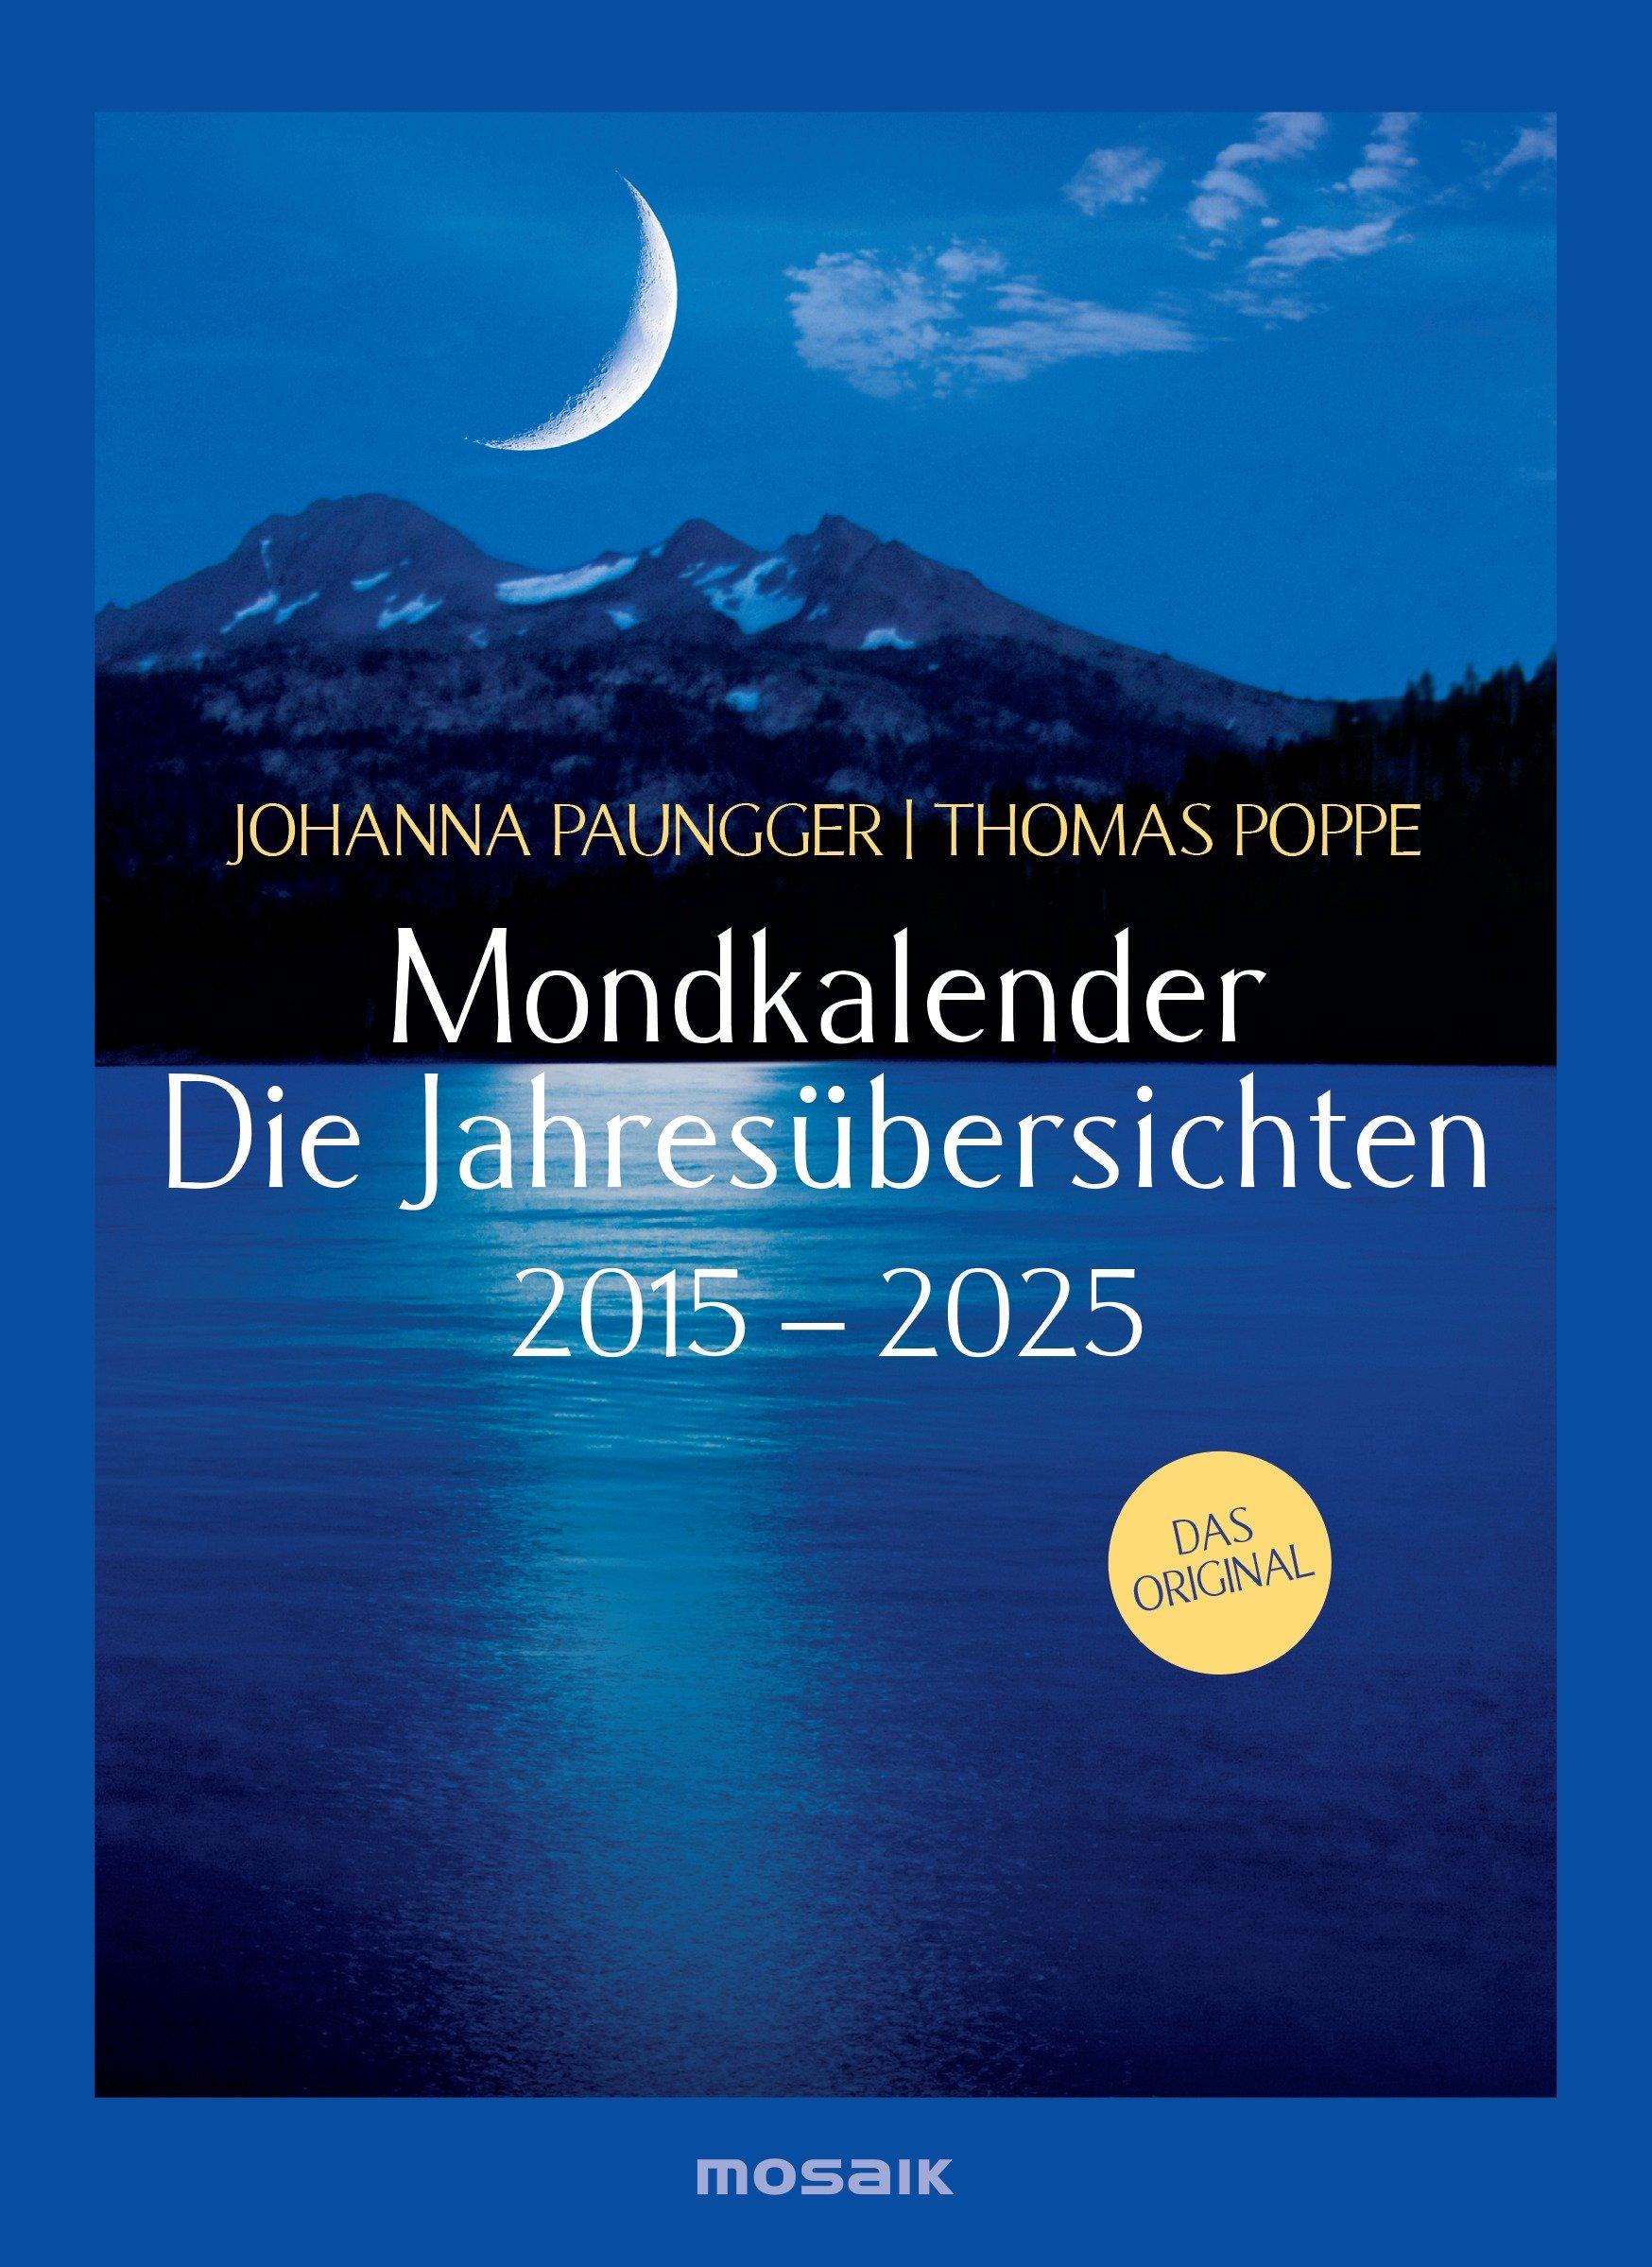 Mondkalender - die Jahresübersichten 2015-2025